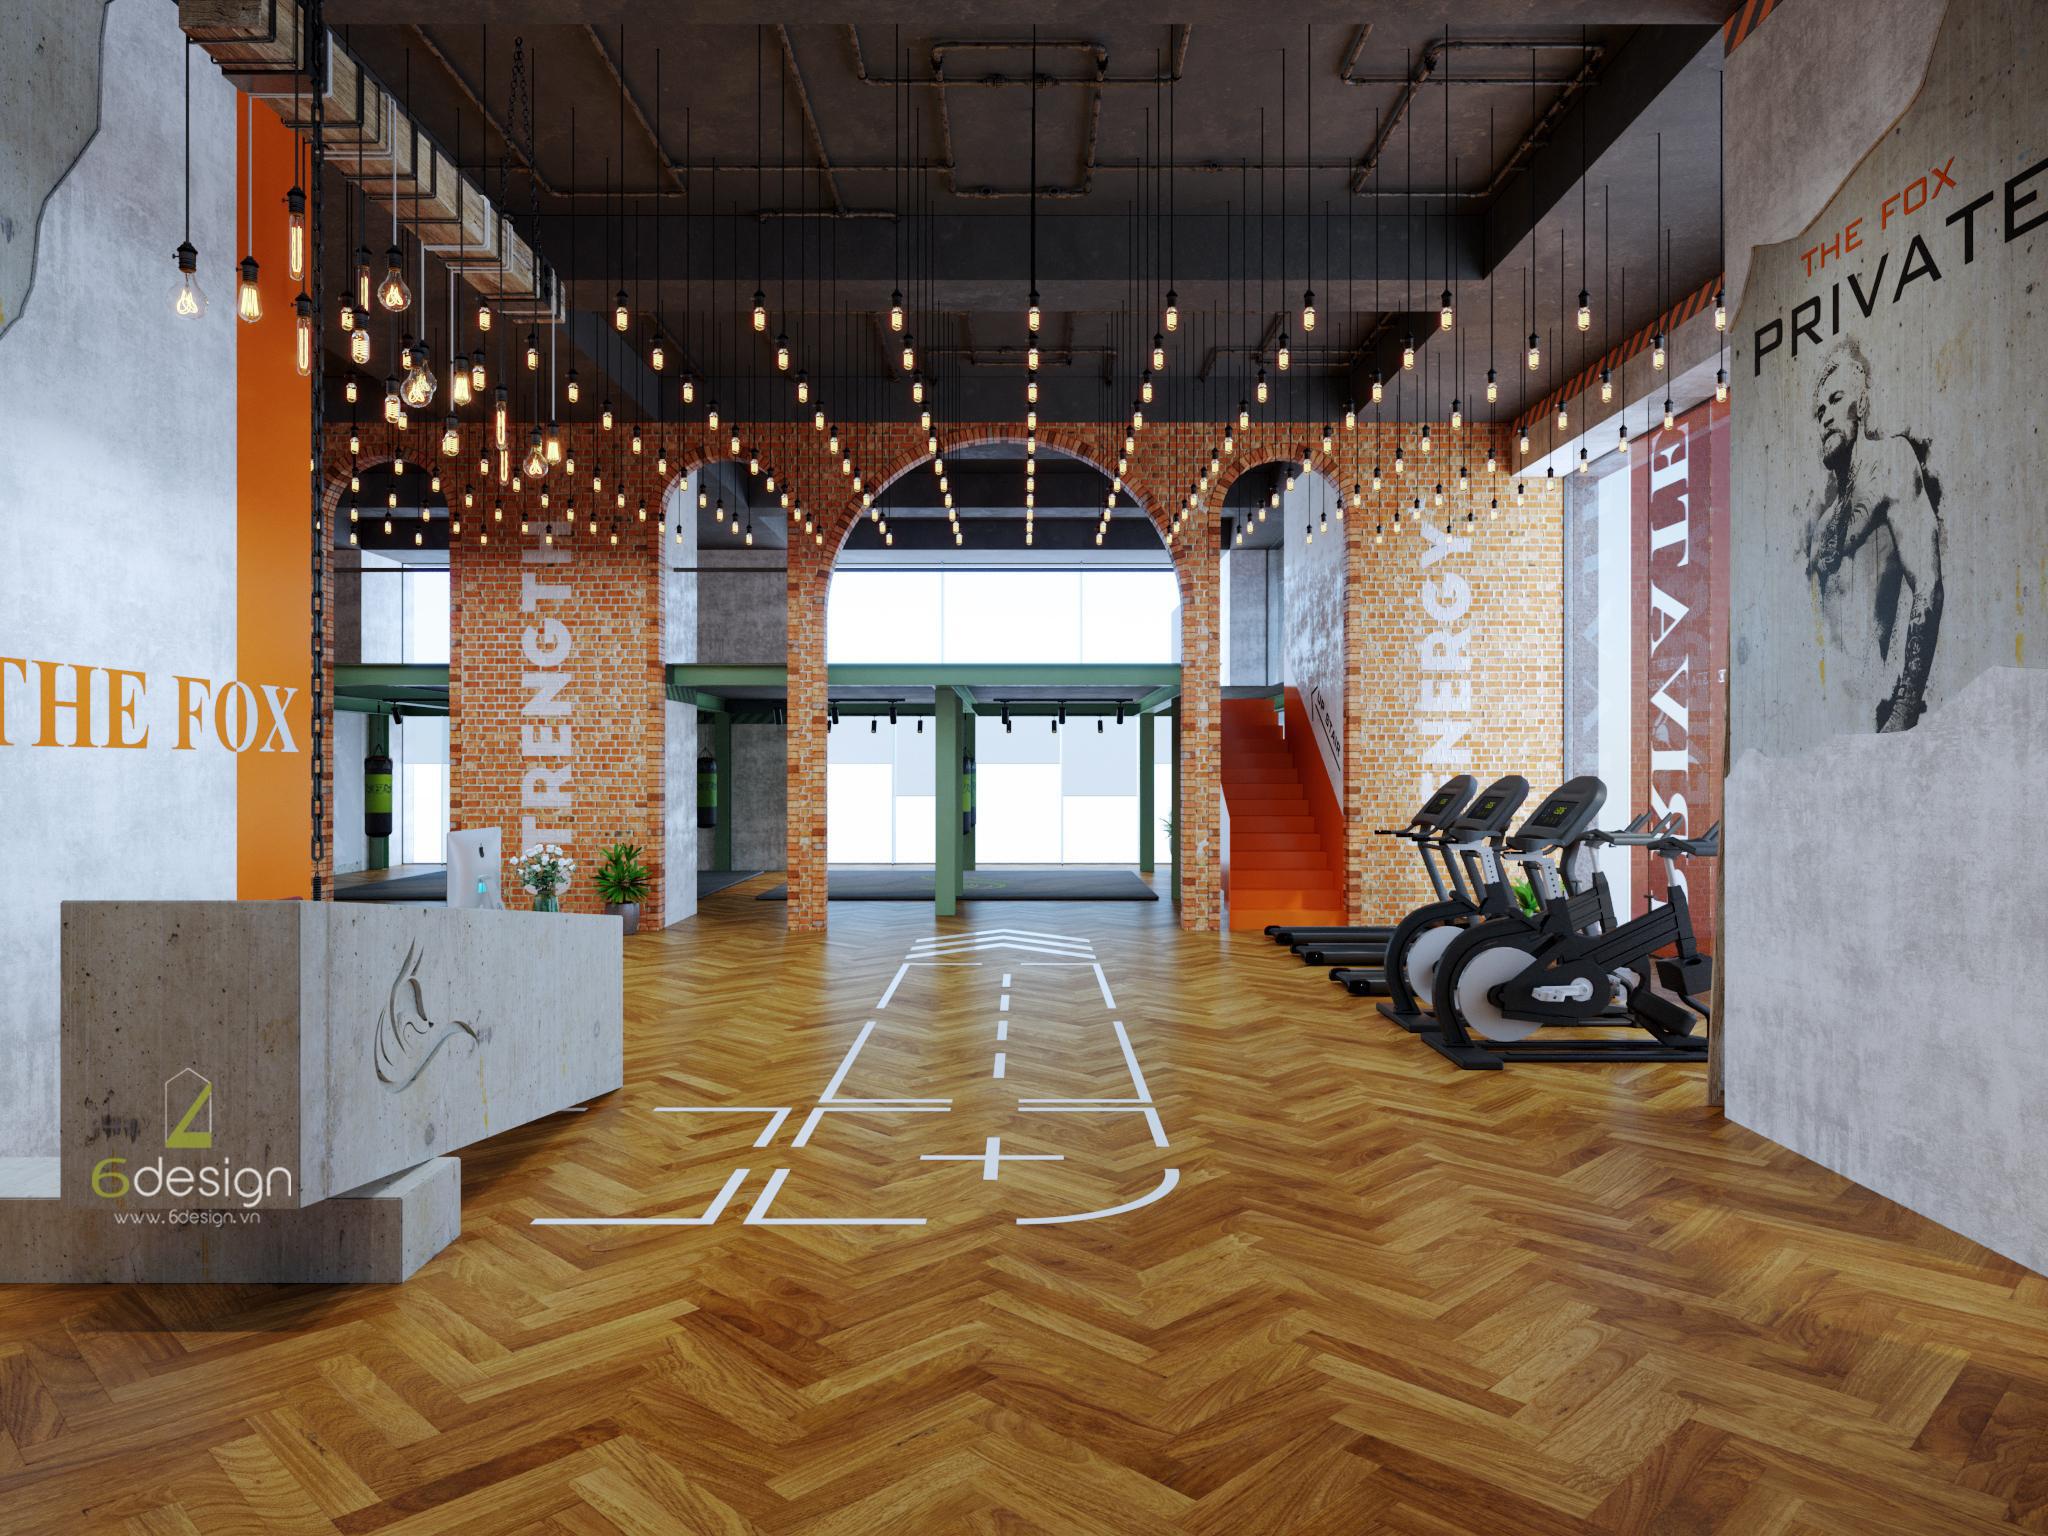 thiết kế nội thất phòng gym Nguyễn Chí Thanh cho chuỗi The Fox